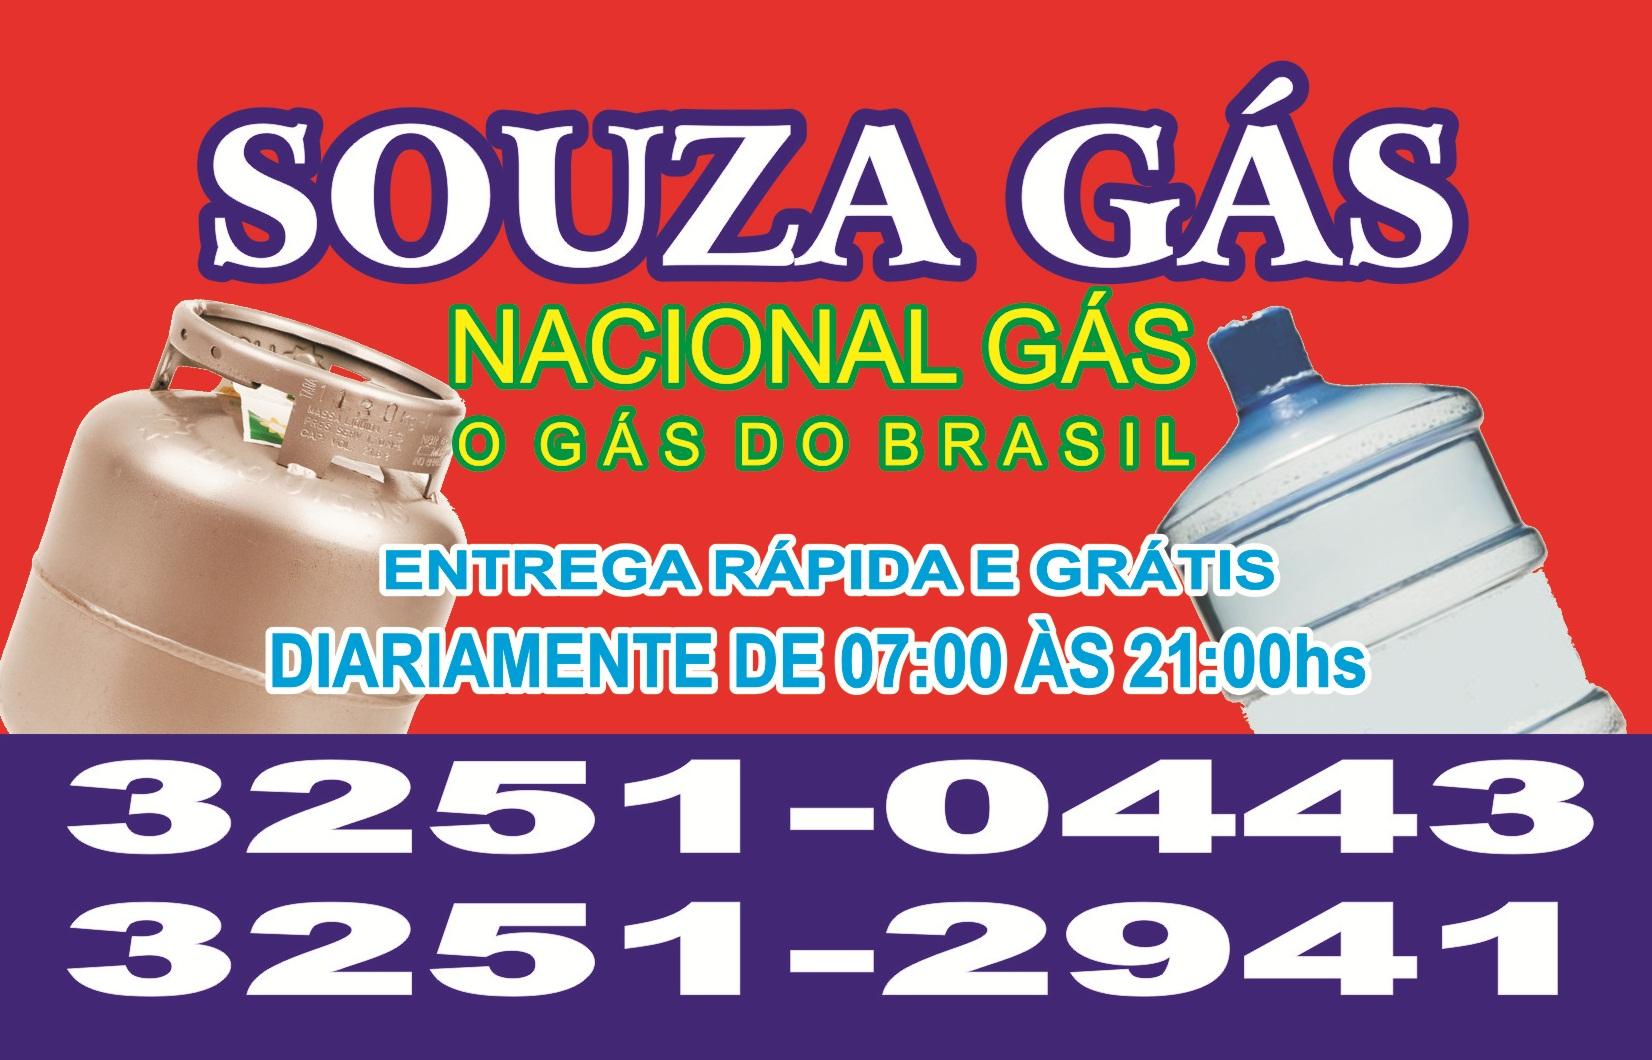 souza_gas